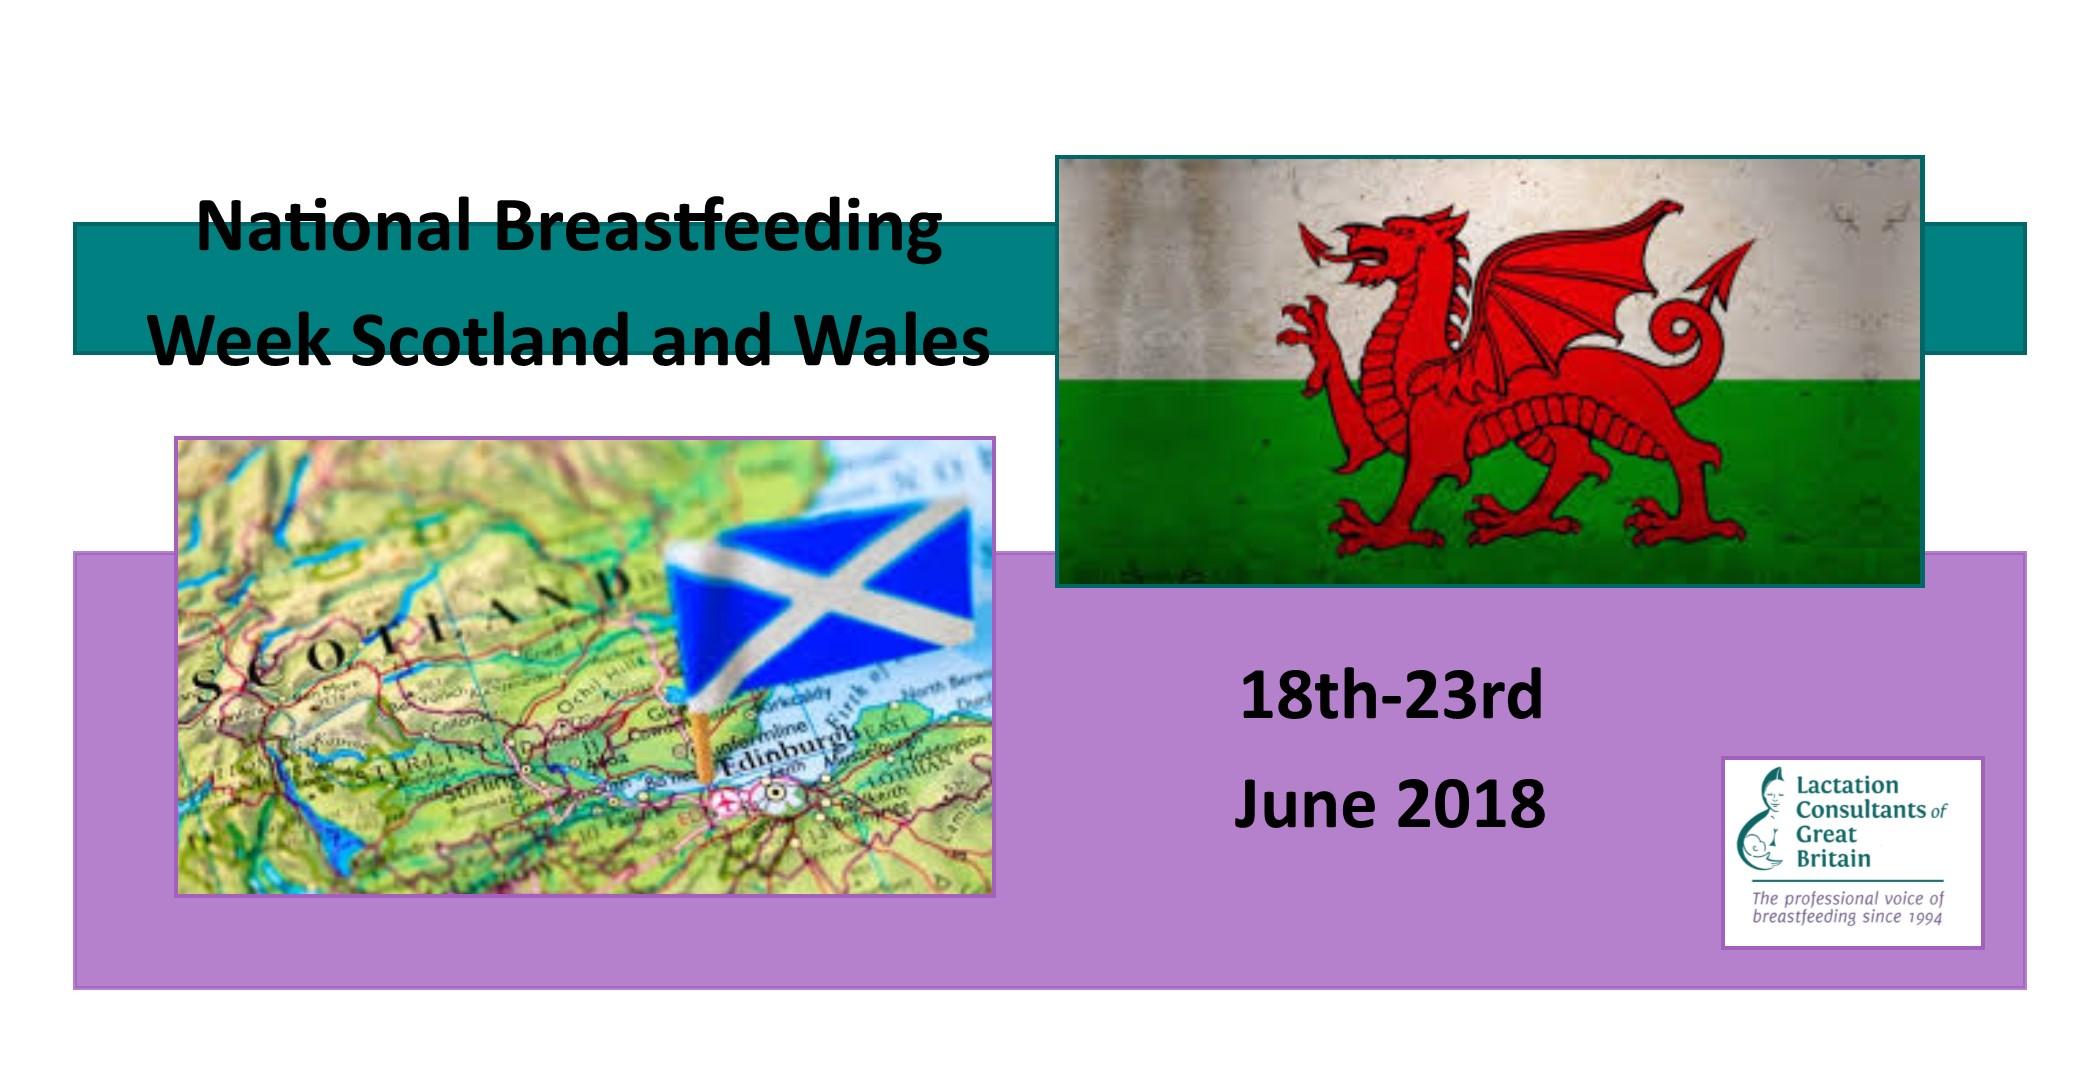 BF Week 2018 Scot Wales